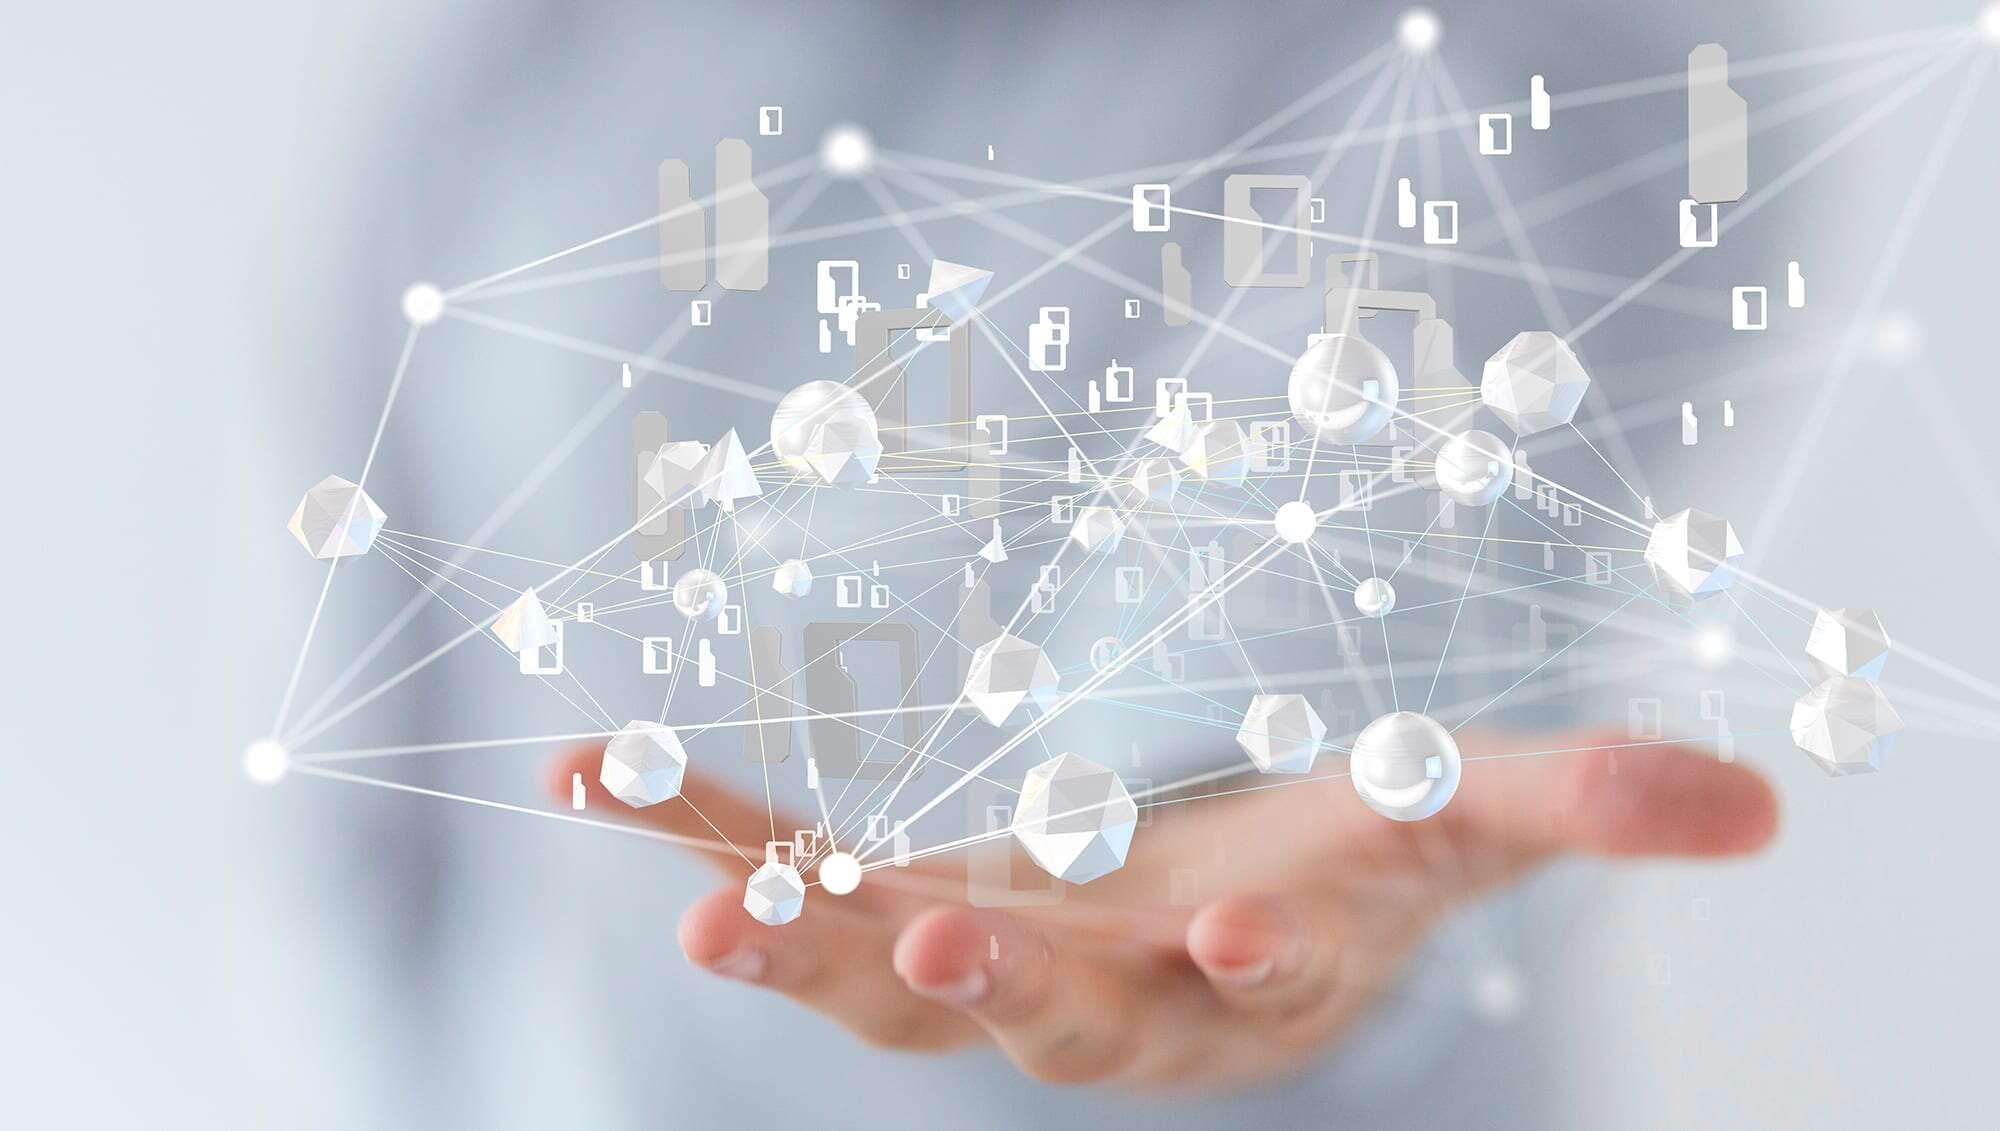 """【数谷贵阳·故事汇】""""数""""策 一本书引领大数据理论创新"""